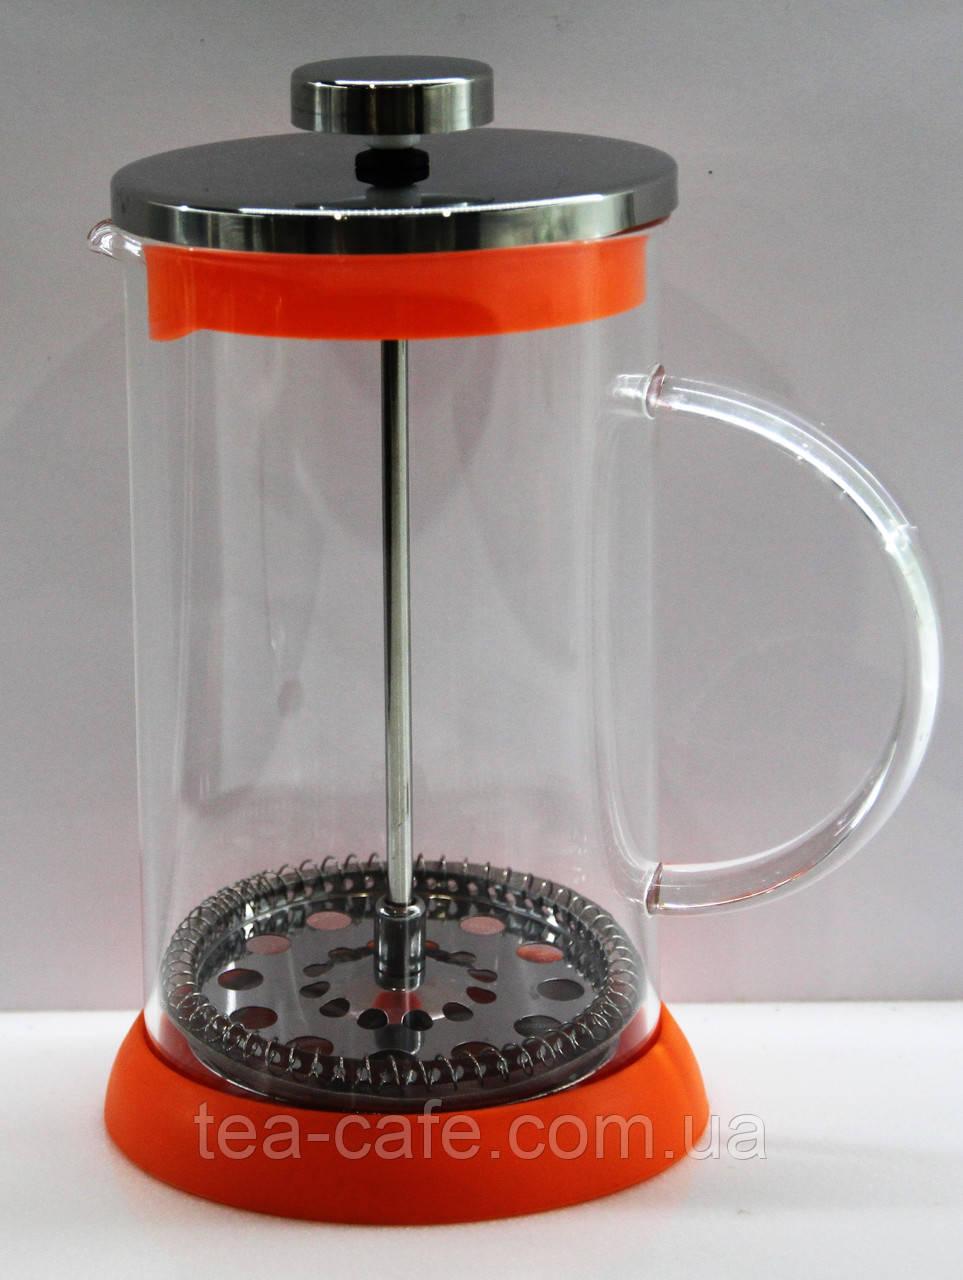 """Френч-пресс """"Веселка"""" для чая и кофе 600 мл"""